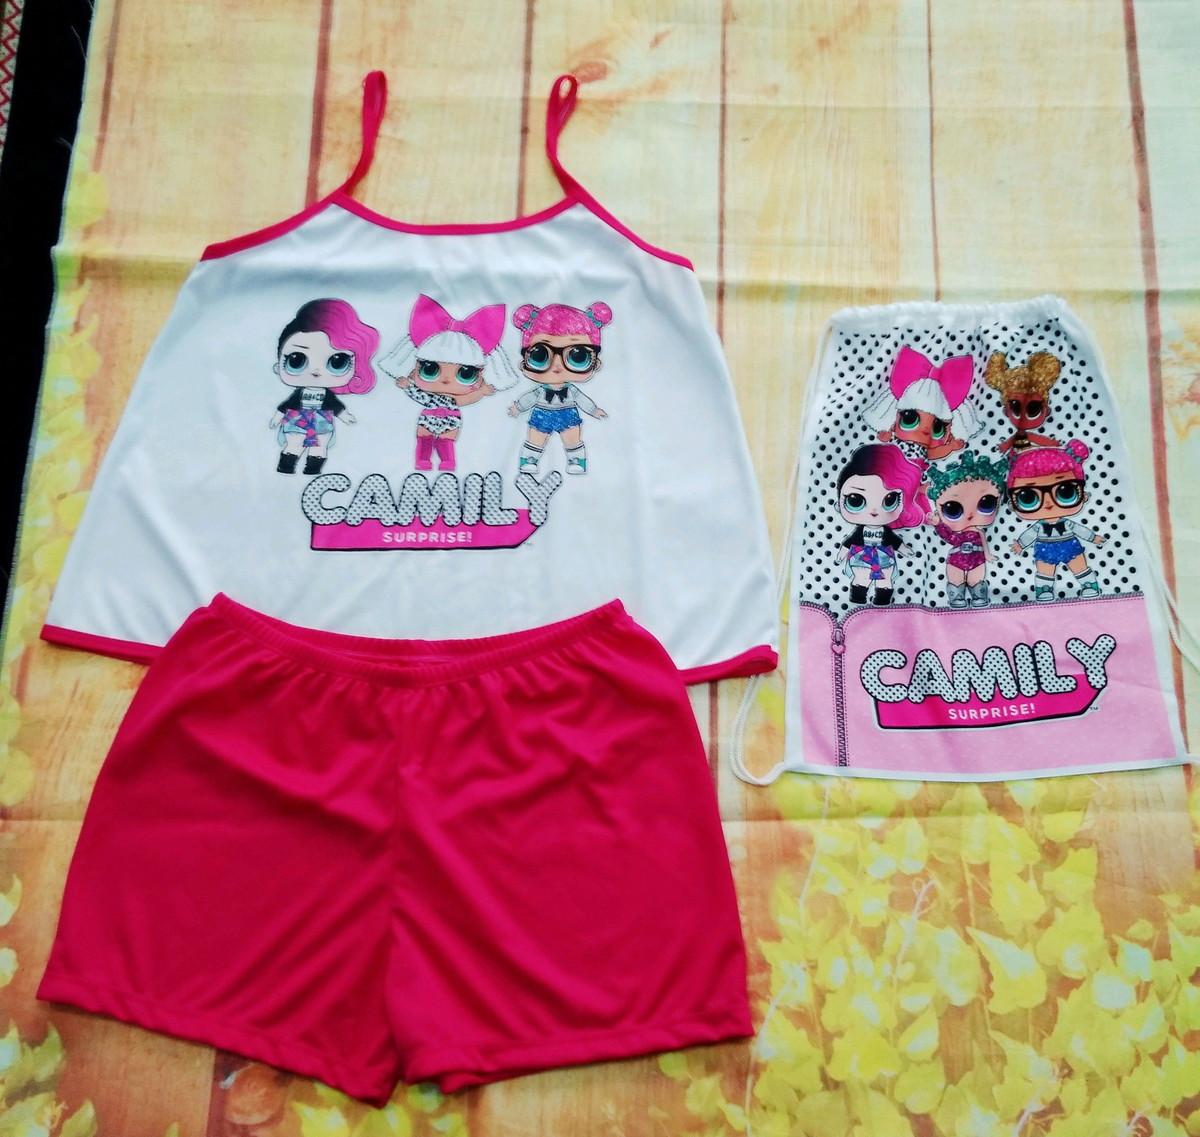 Baby Doll E Mochilinha Lol Surprise No Elo7 Sempre Quiz E06c54